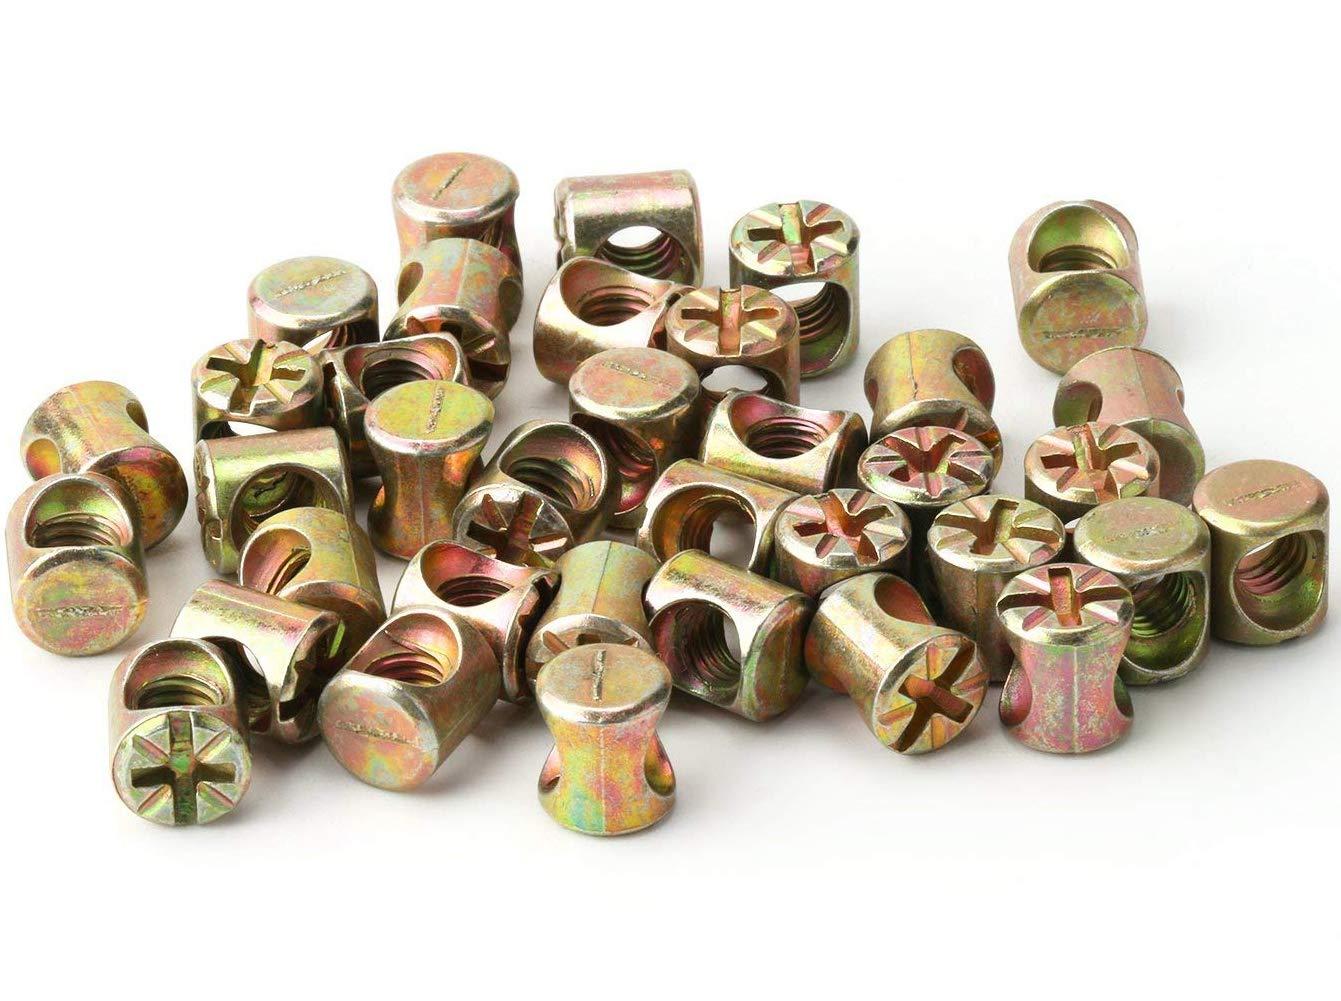 Juego de 100 tuercas de tornillo M6 para muebles juego de tornillos y tuercas hexagonales cunas y sillas